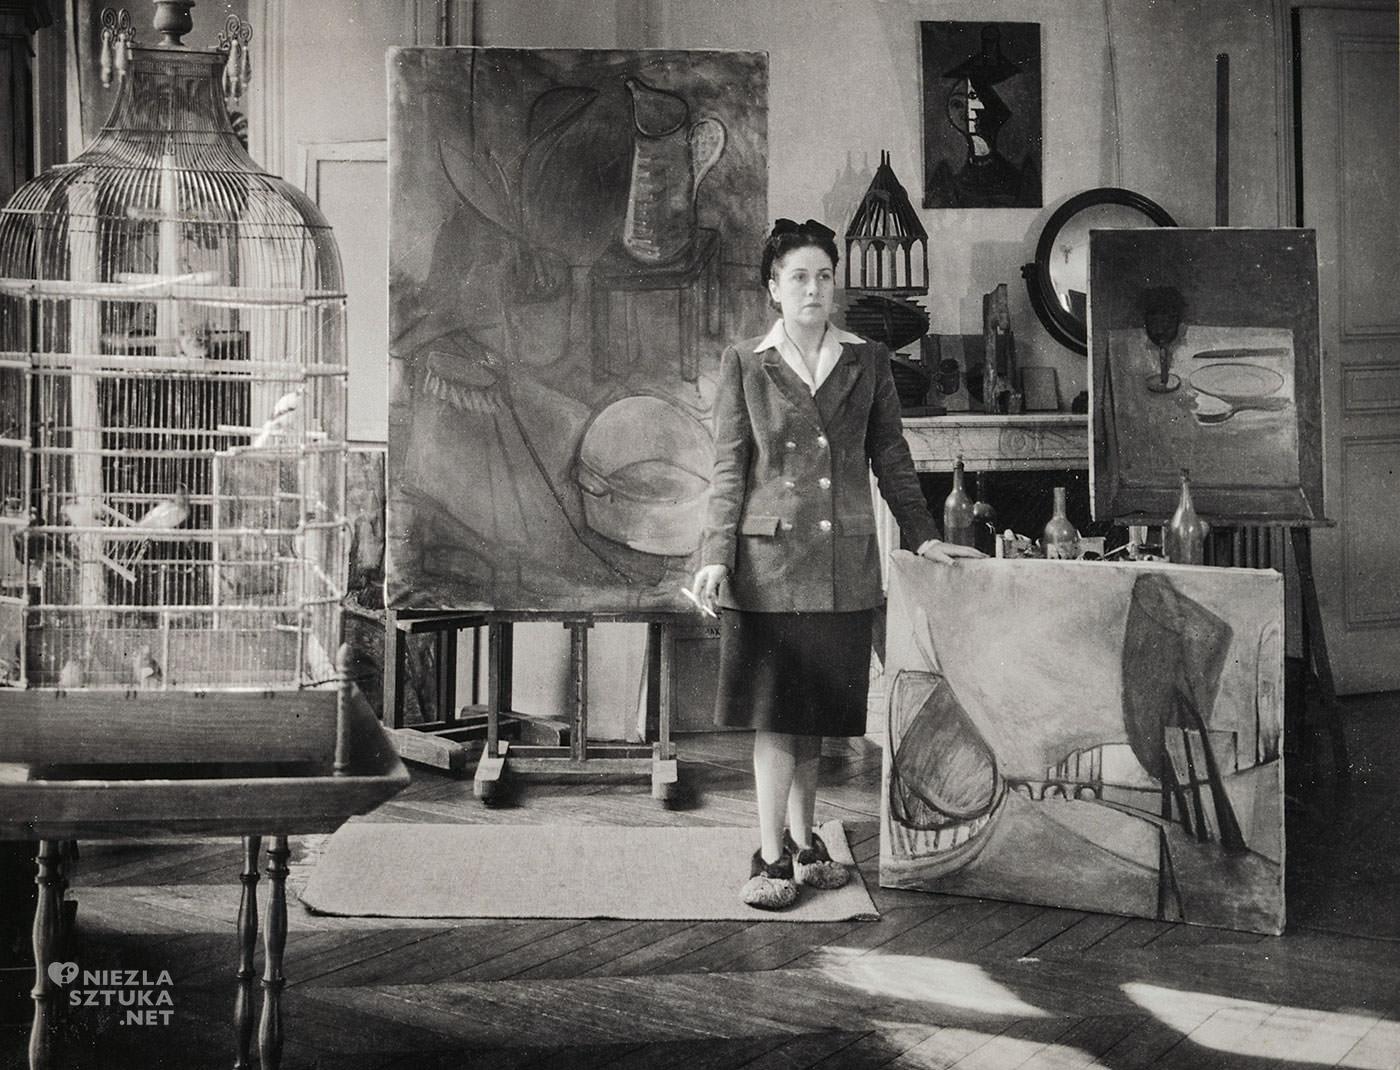 Dora Maar, Brassaï, fotografia, kobiety w sztuce, Niezła Sztuka